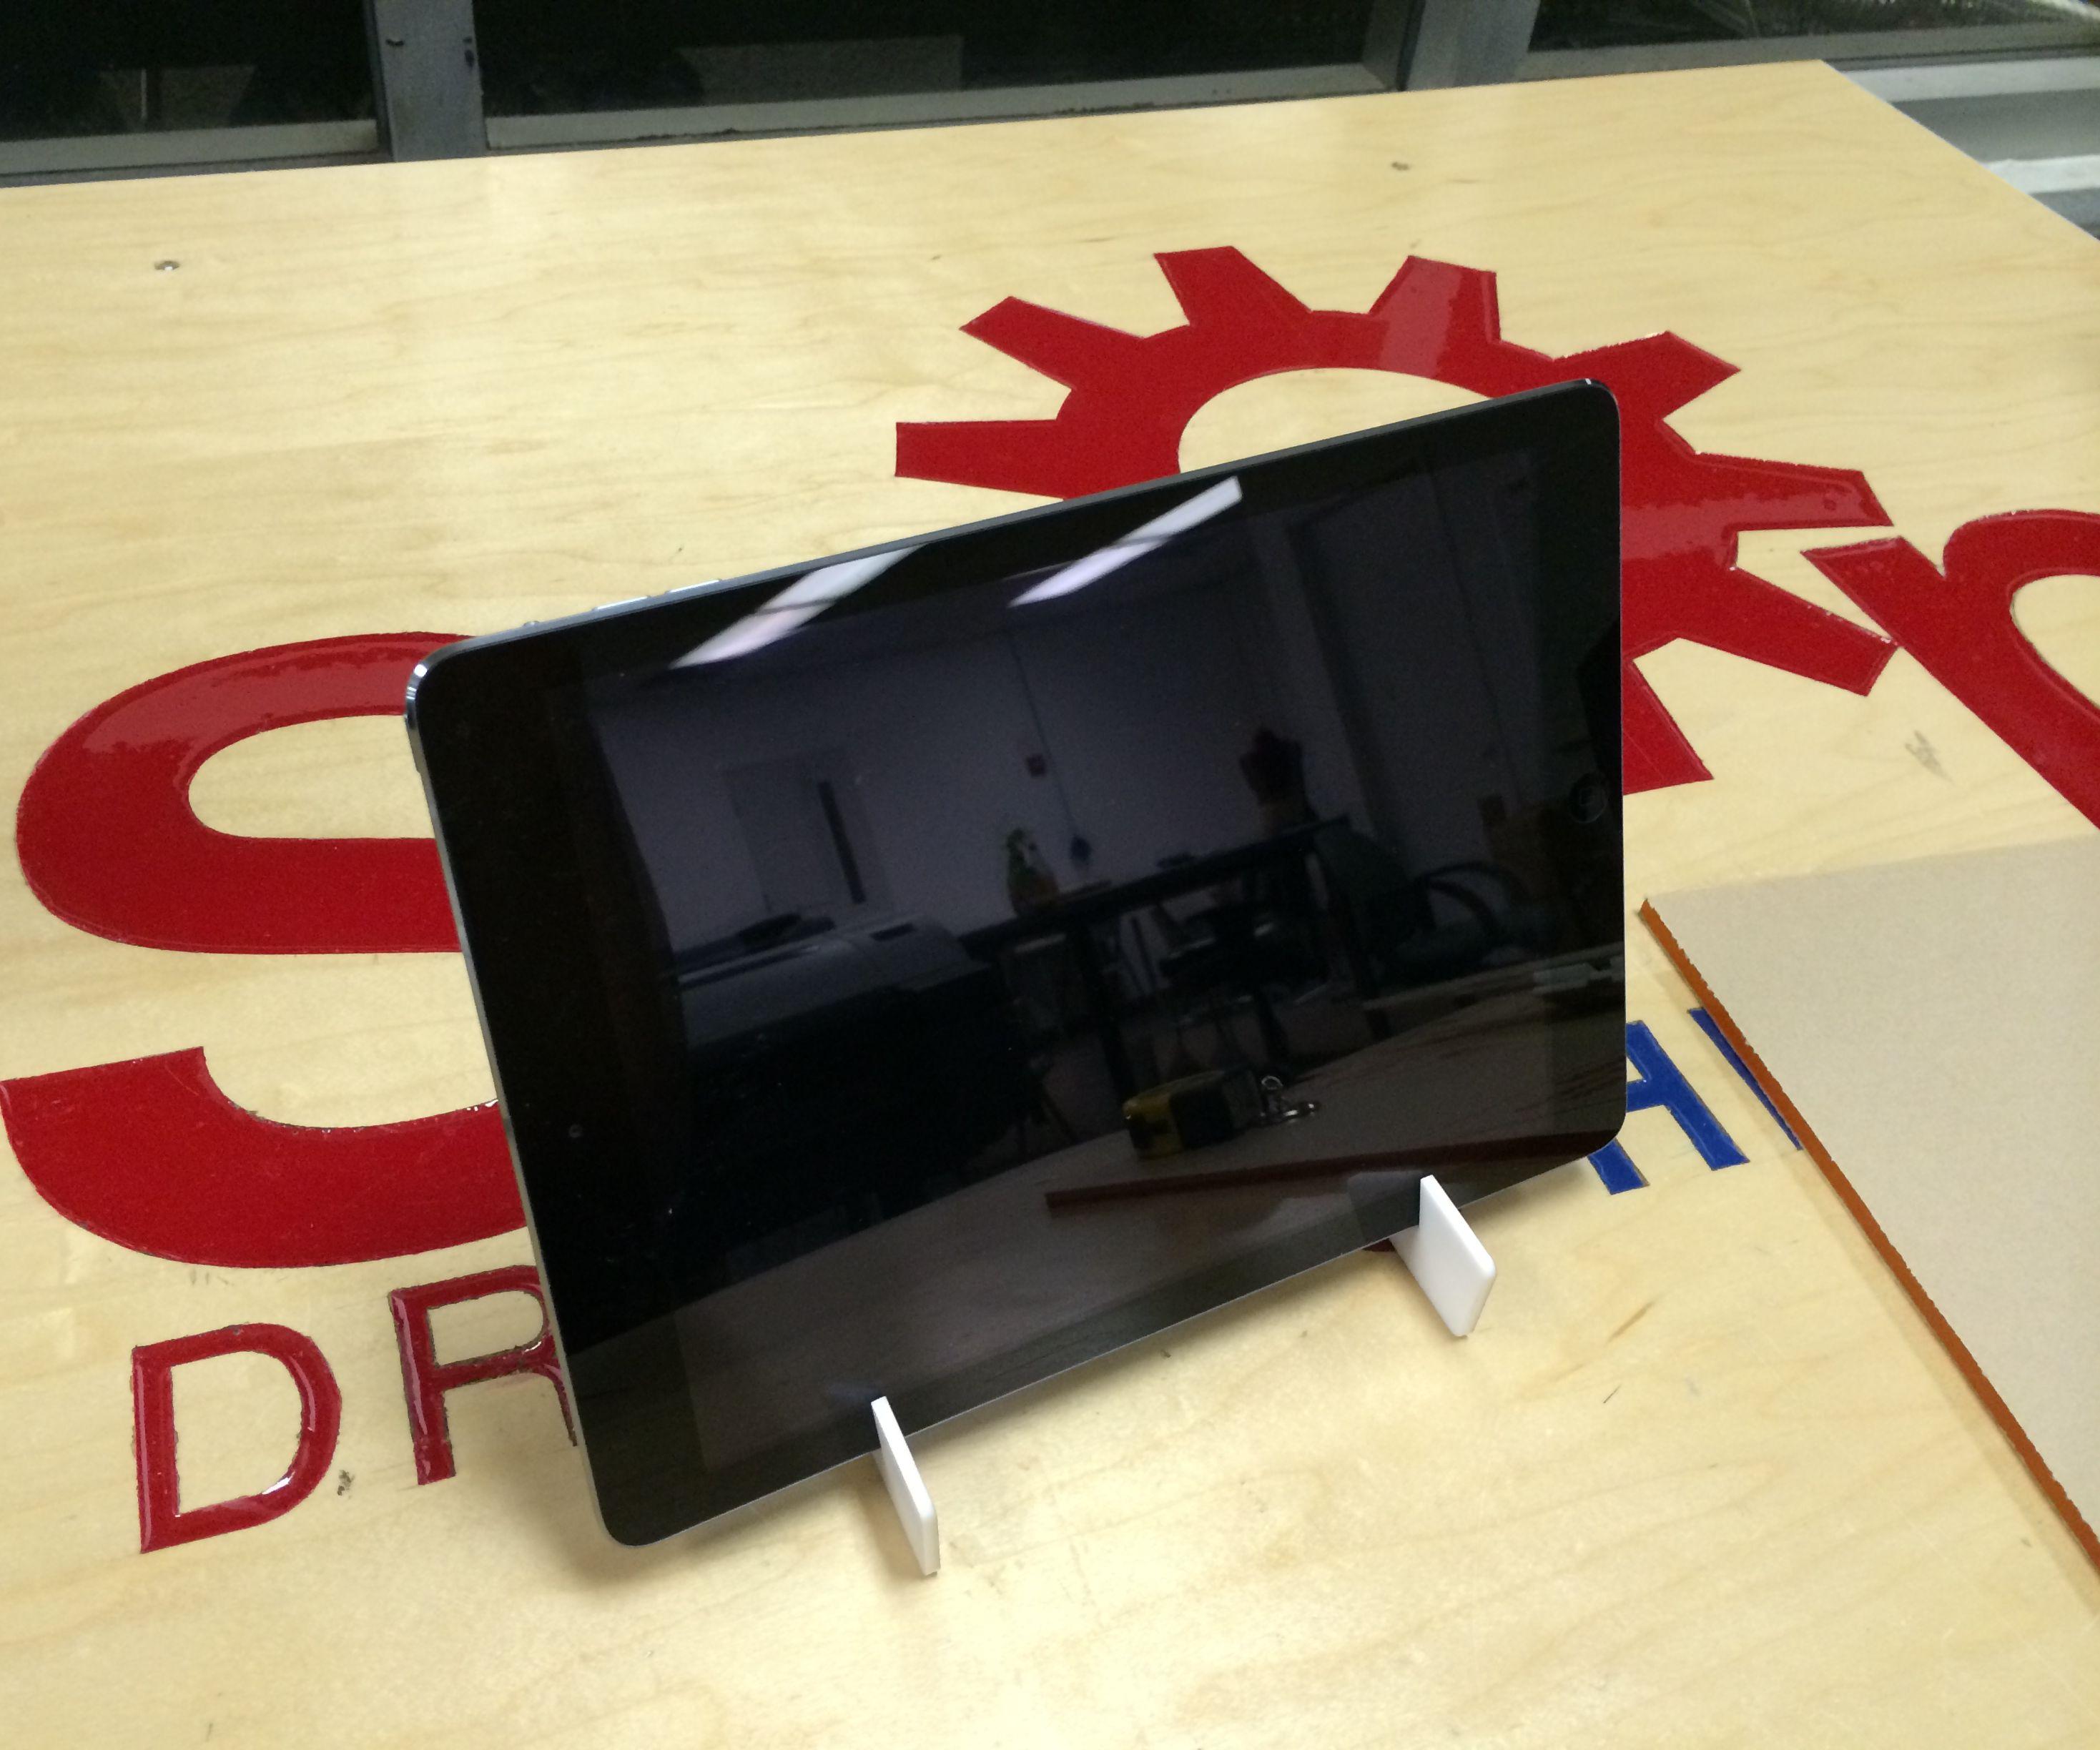 Laser-Cut Minimalist iPad Air Stand